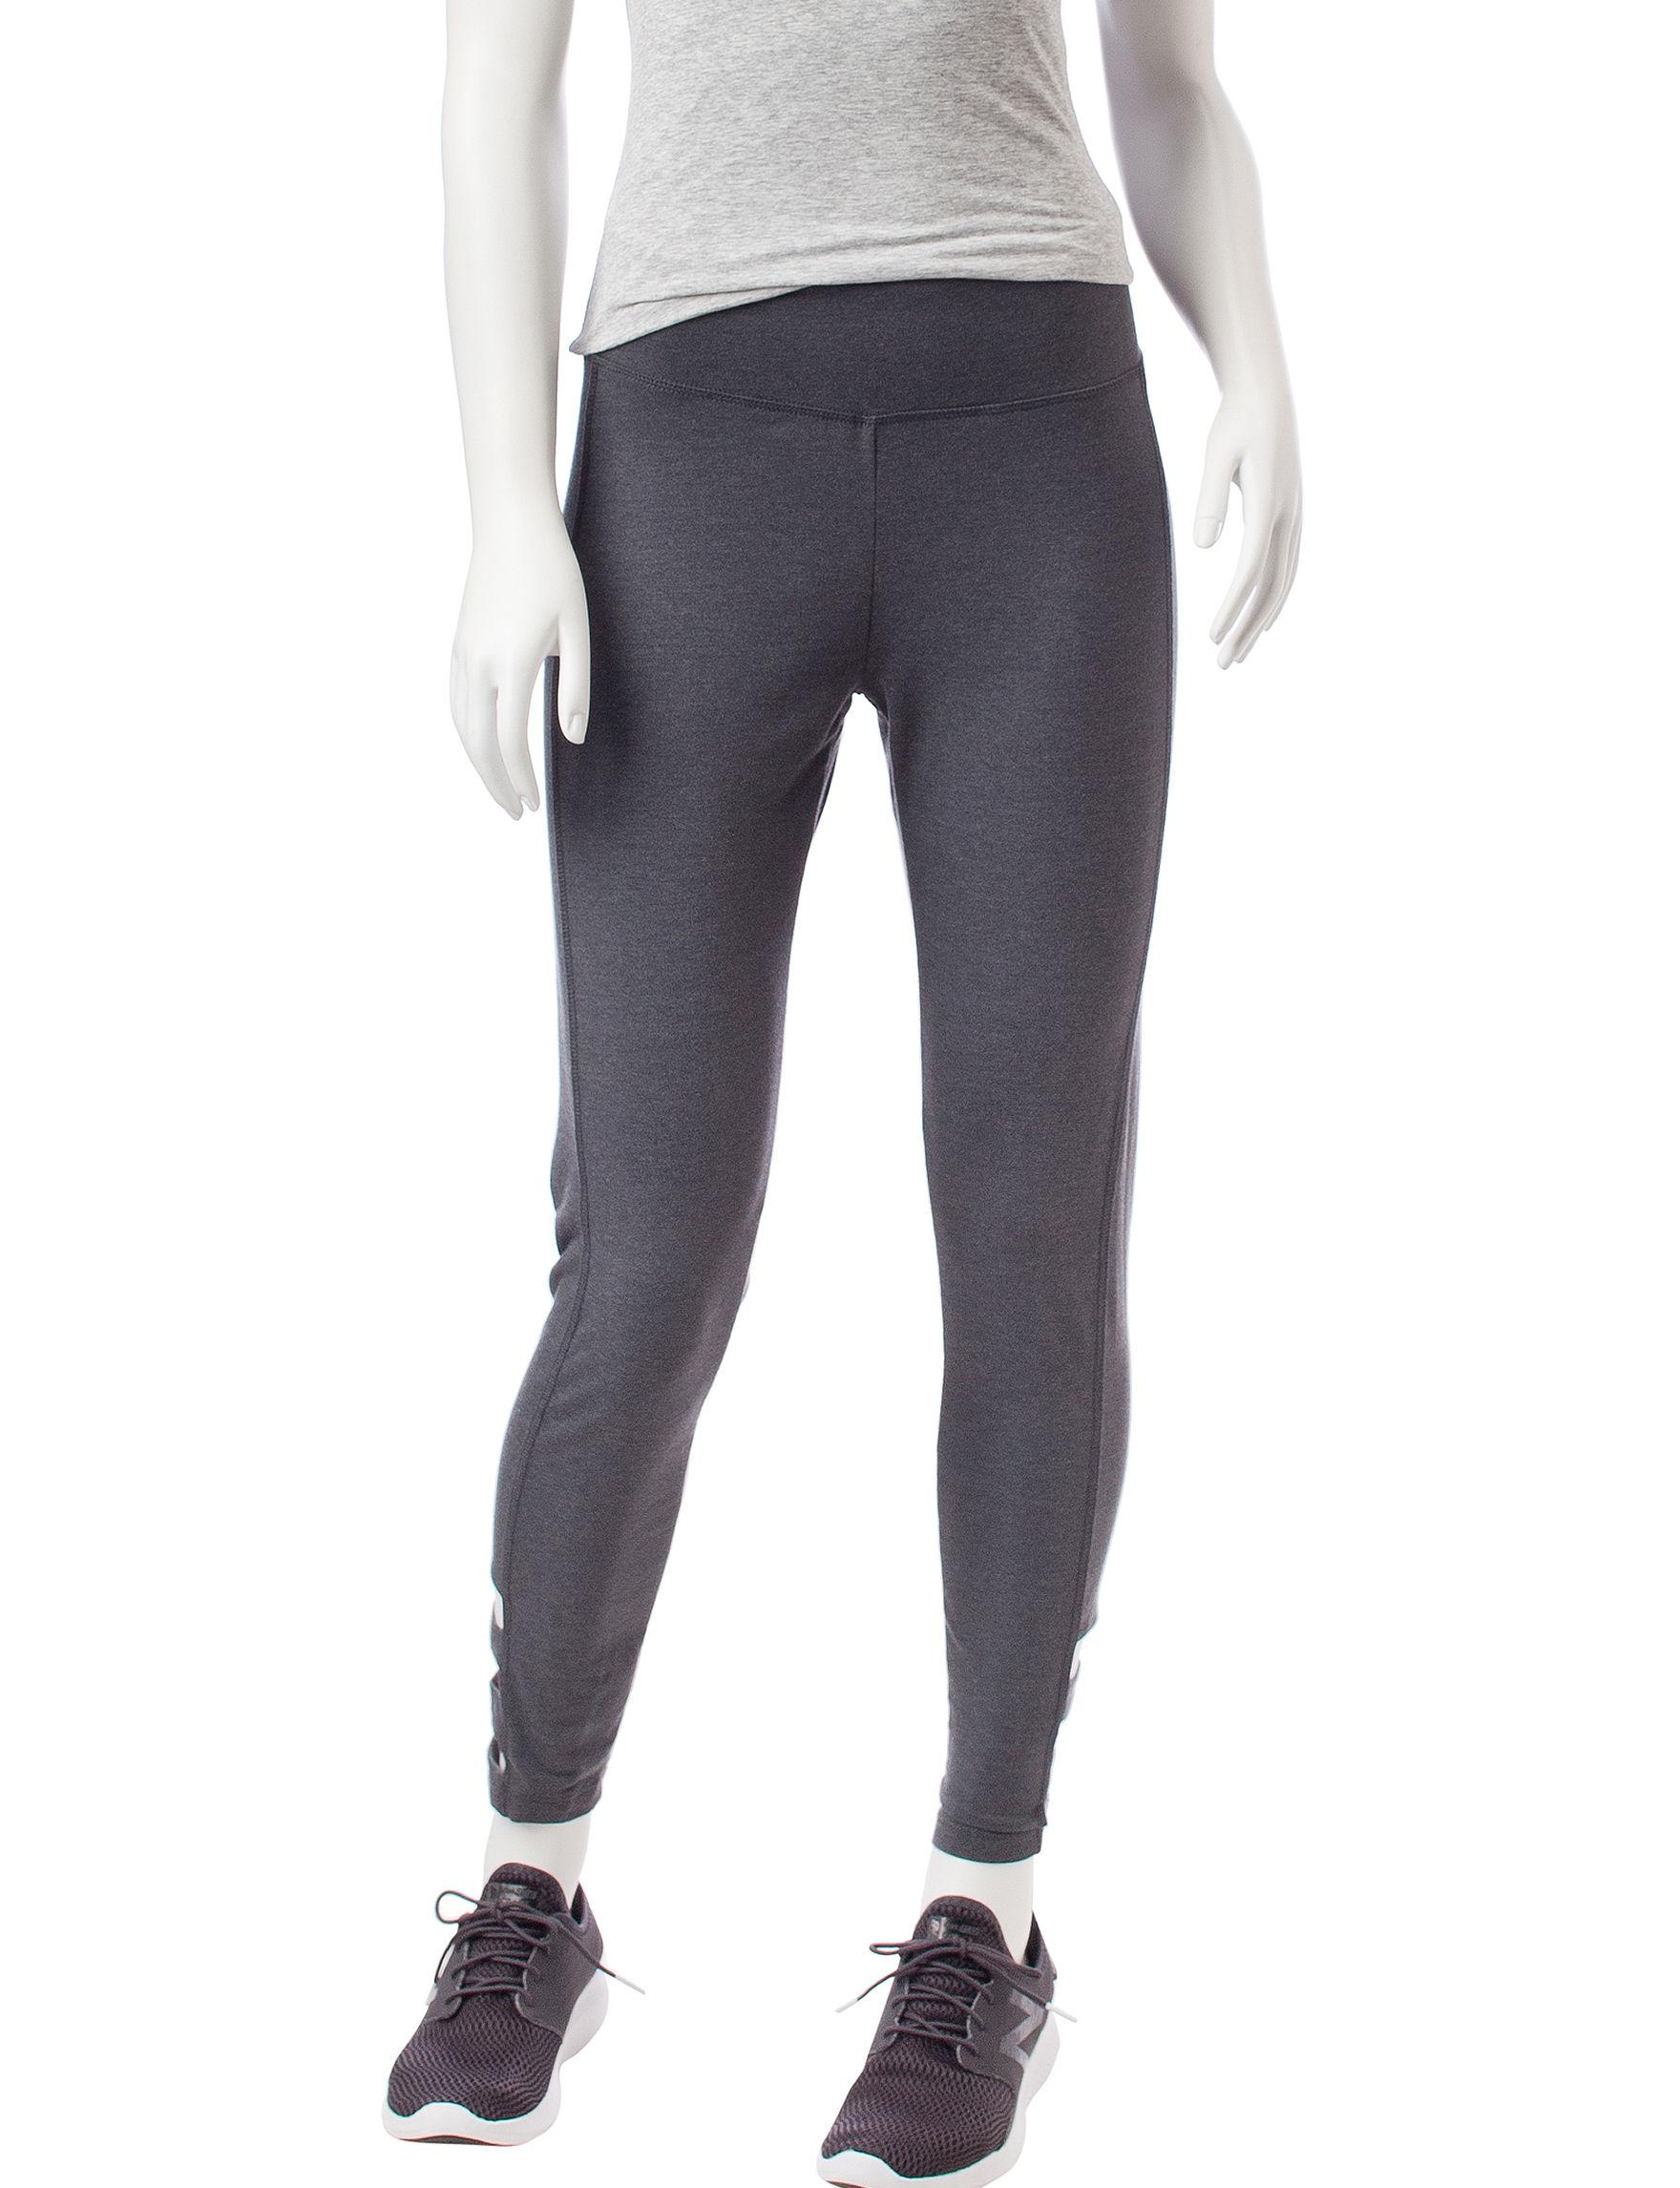 RBX Grey Leggings Stretch